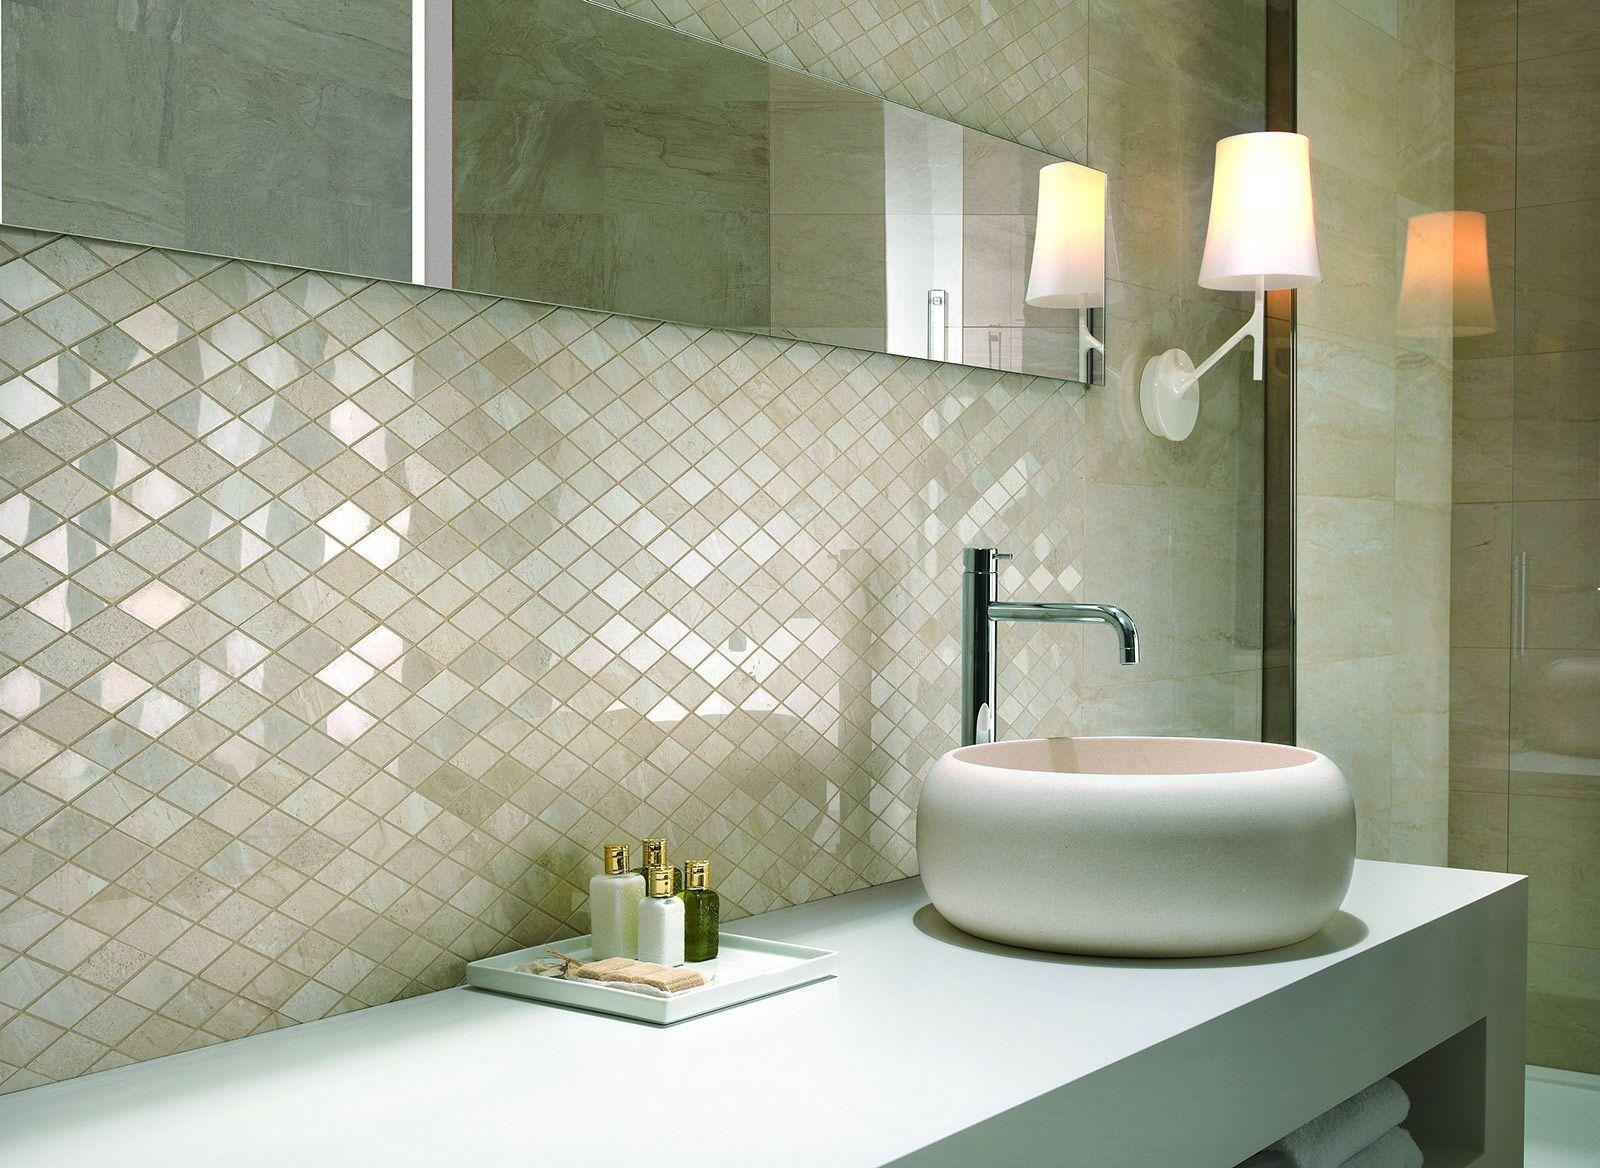 Rivestimenti pareti moderne cerca con google arredamento pinterest bathroom tiles e - Piastrelle da bagno moderne ...